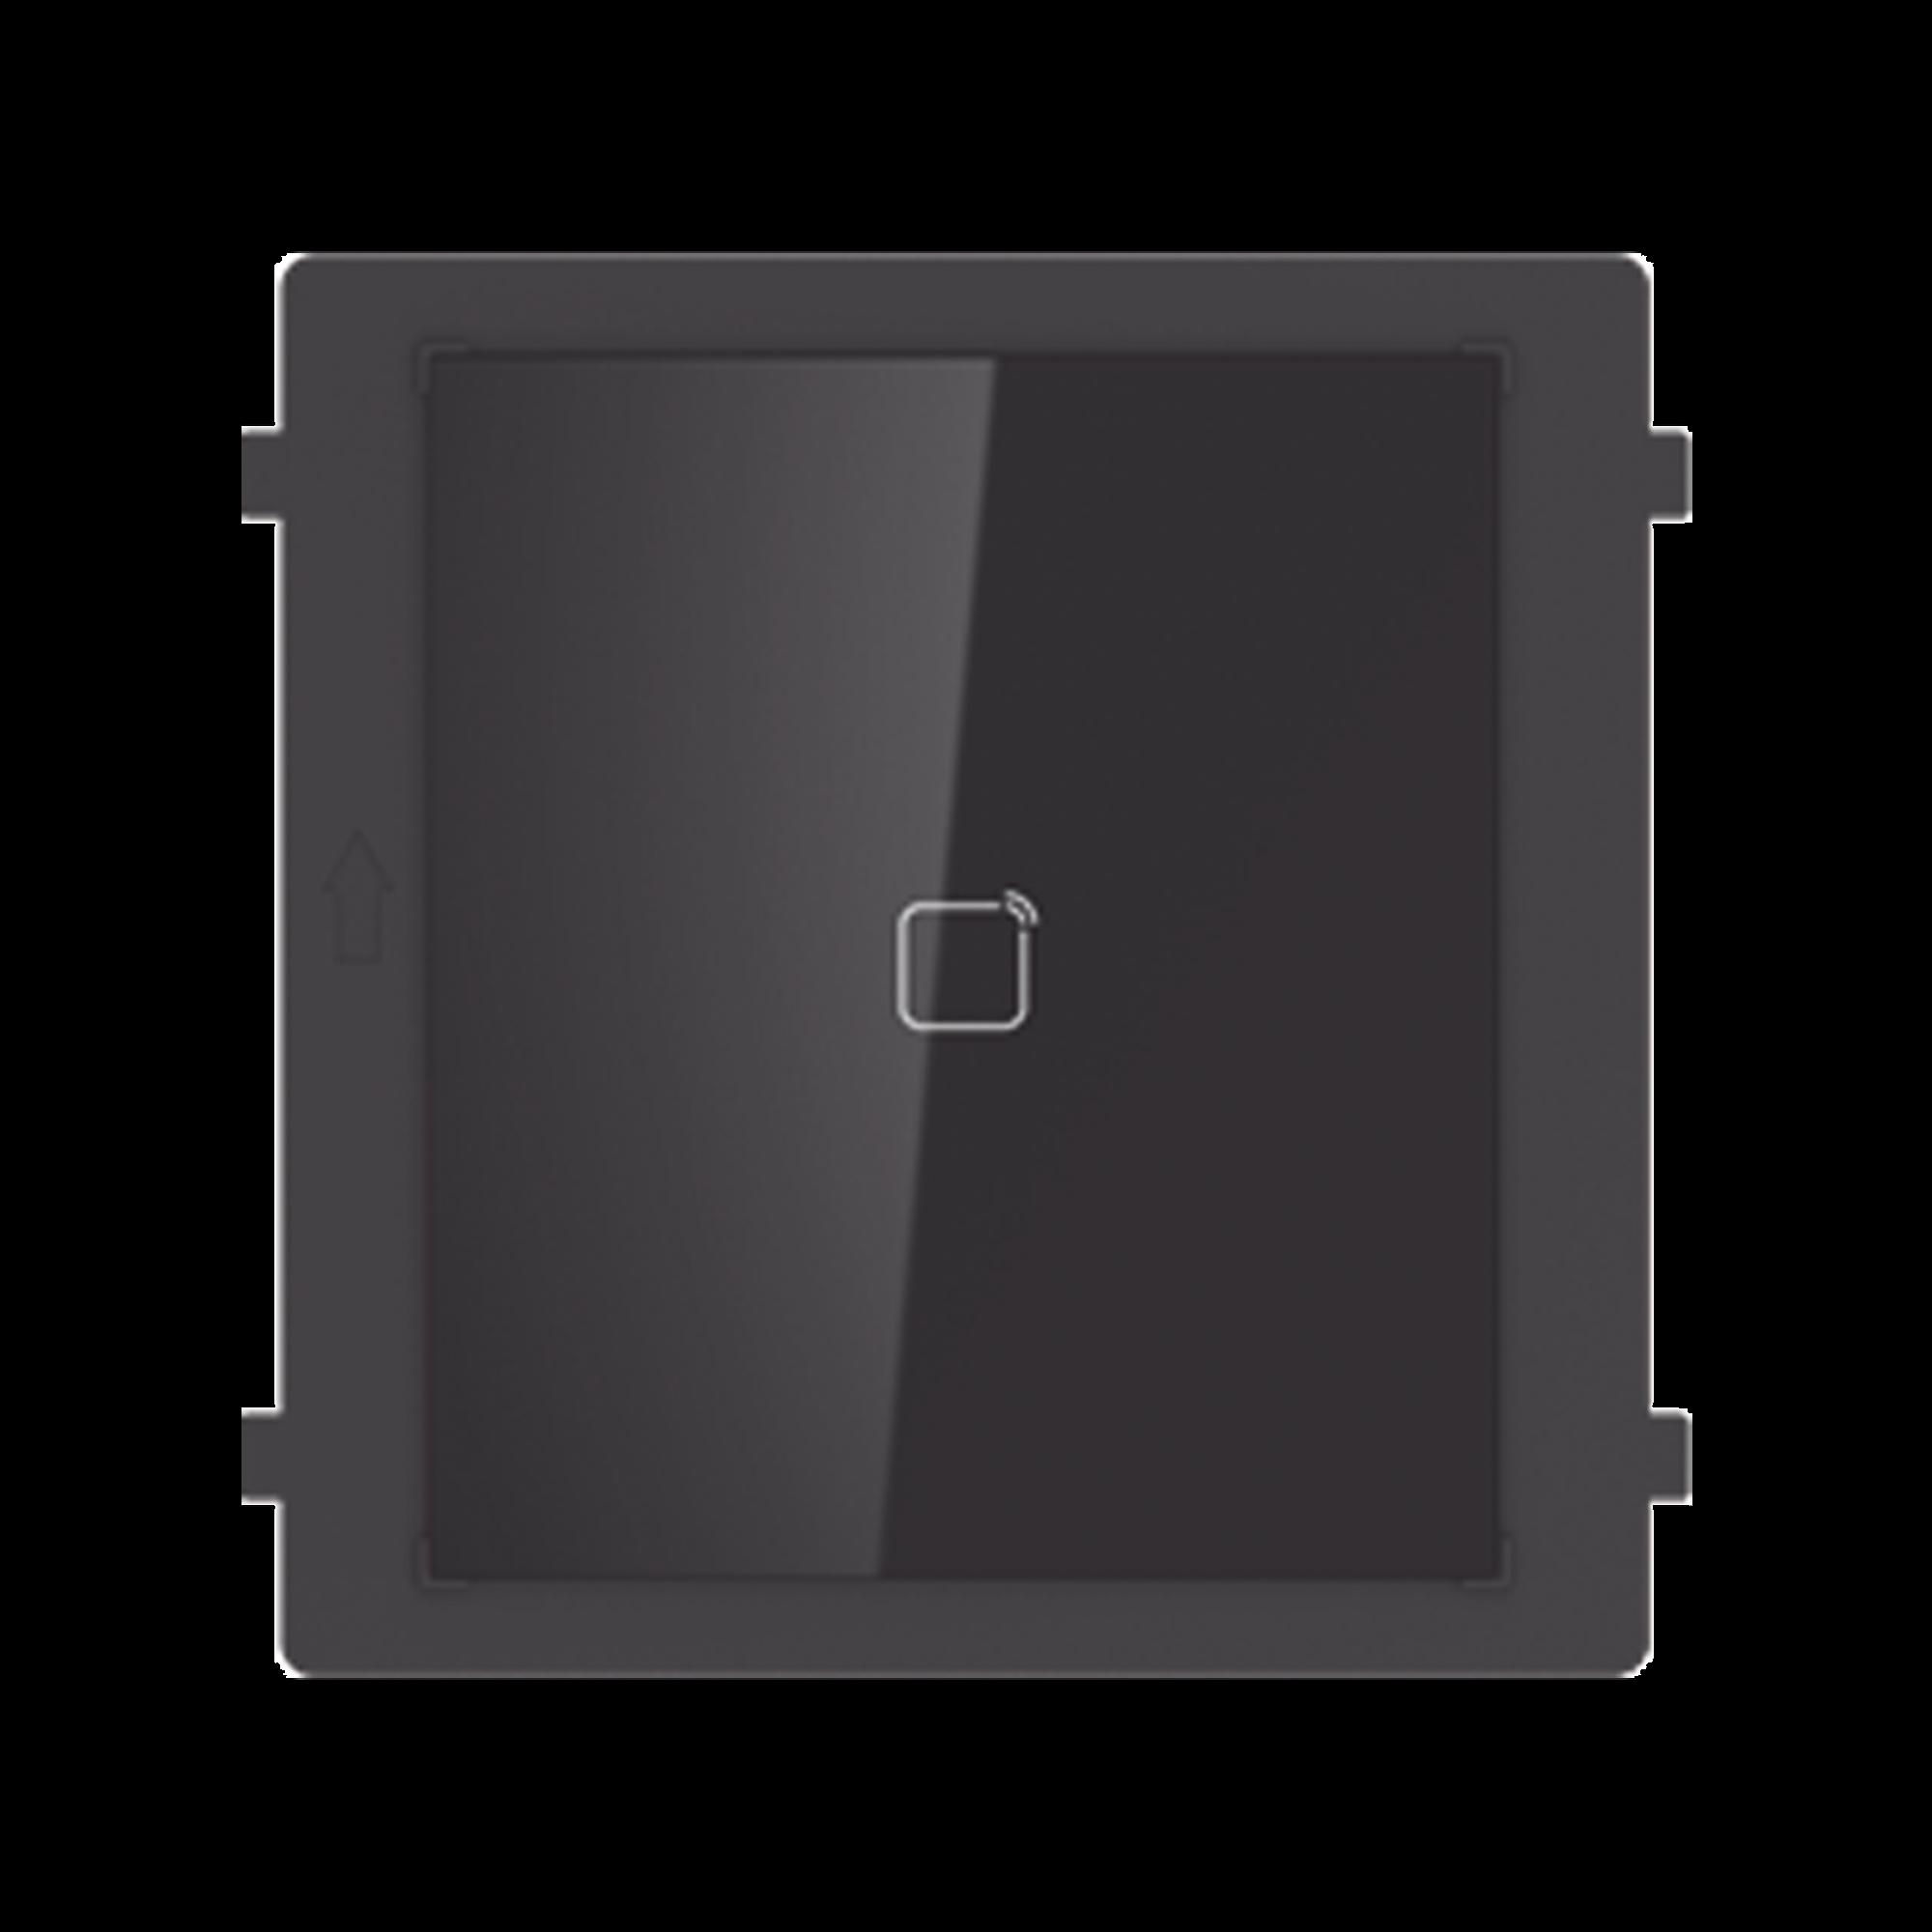 Modulo con Lector de Tarjetas EM para Frente de Calle IP Modular